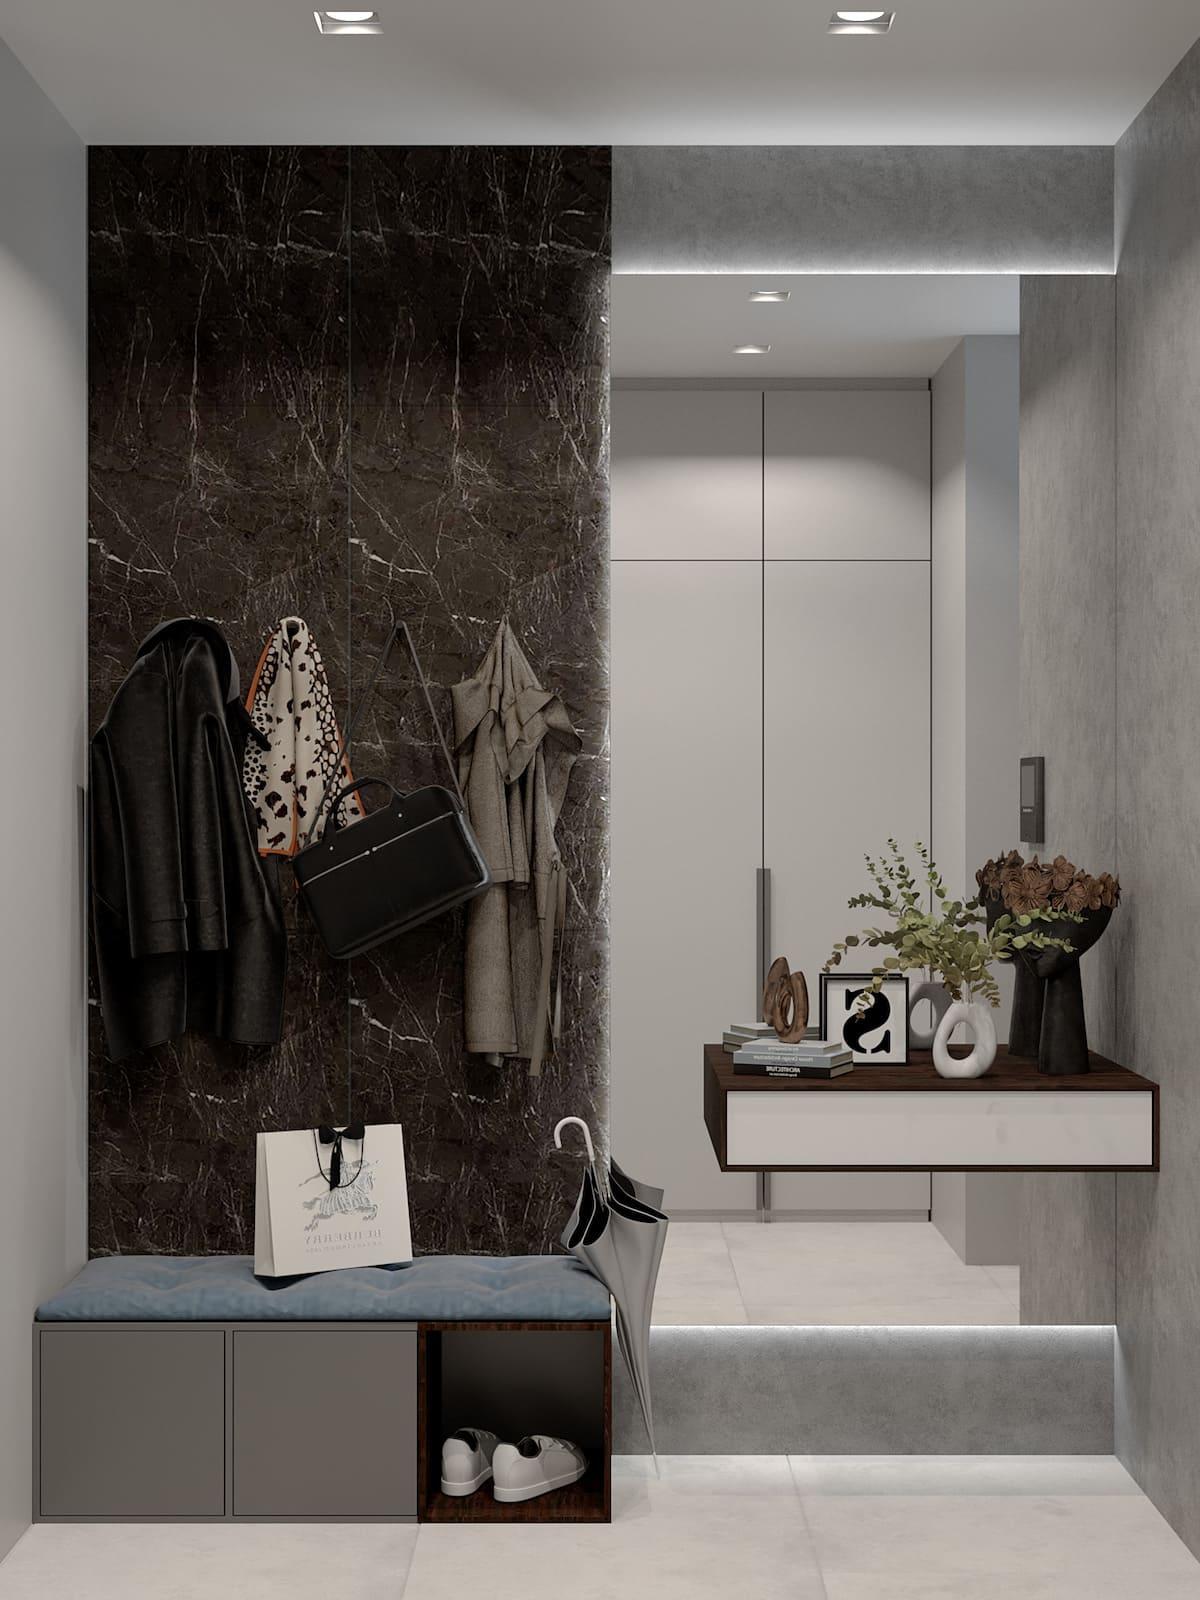 design d'intérieur couloir photo 18